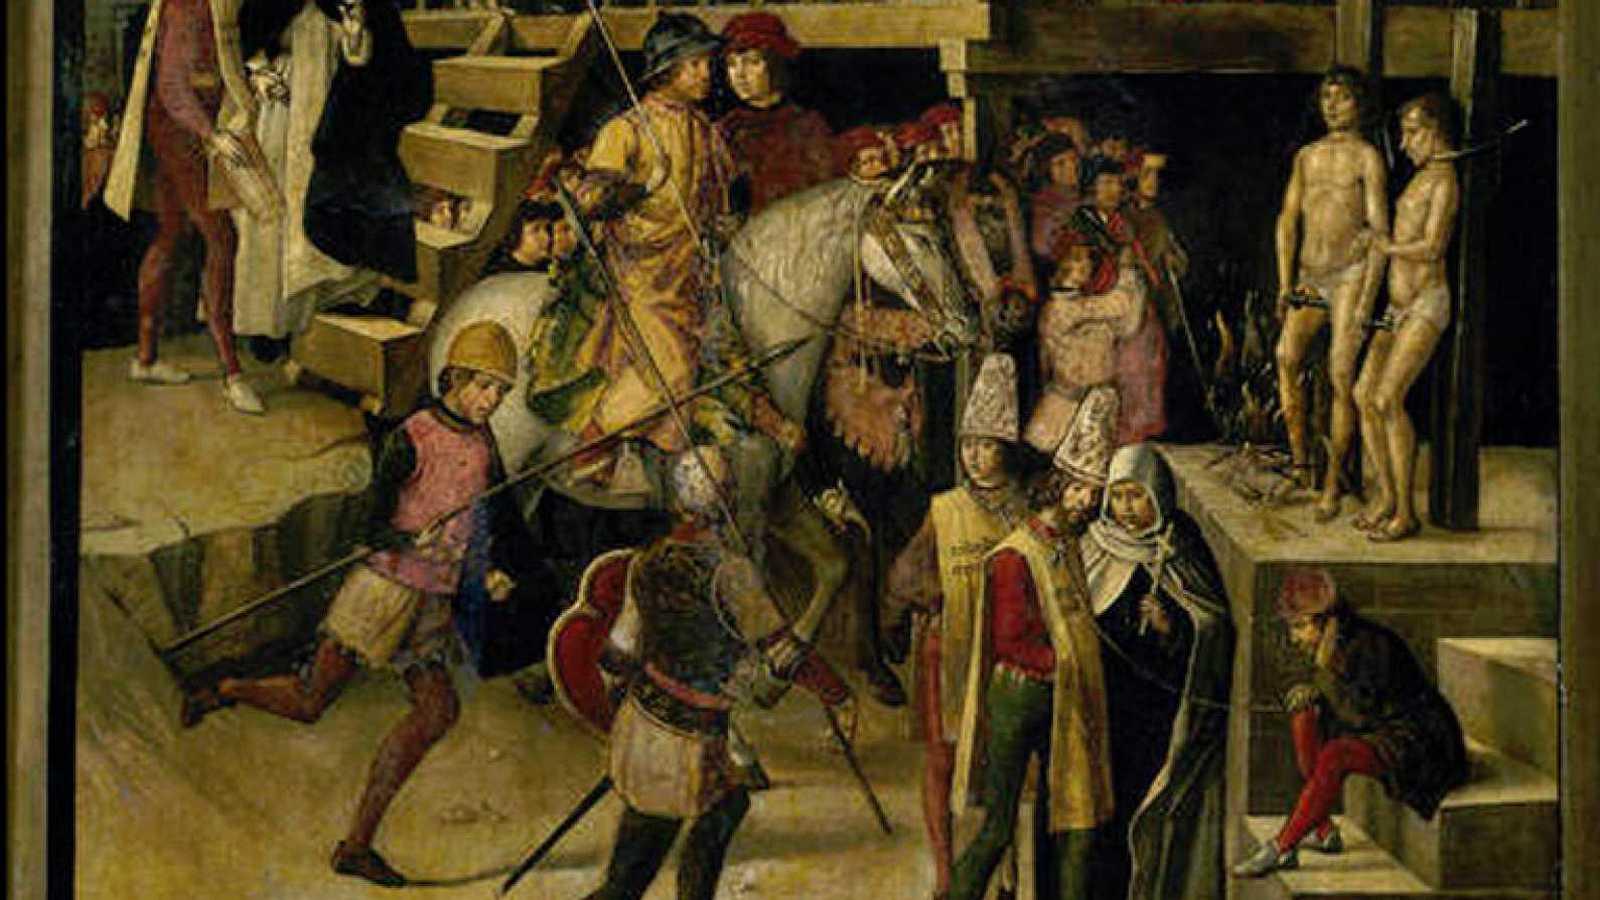 Punto de enlace - Muestra especial sobre Berruguete en el museo Medows de Dallas, EE. UU. - 27/07/20 - escuchar ahora